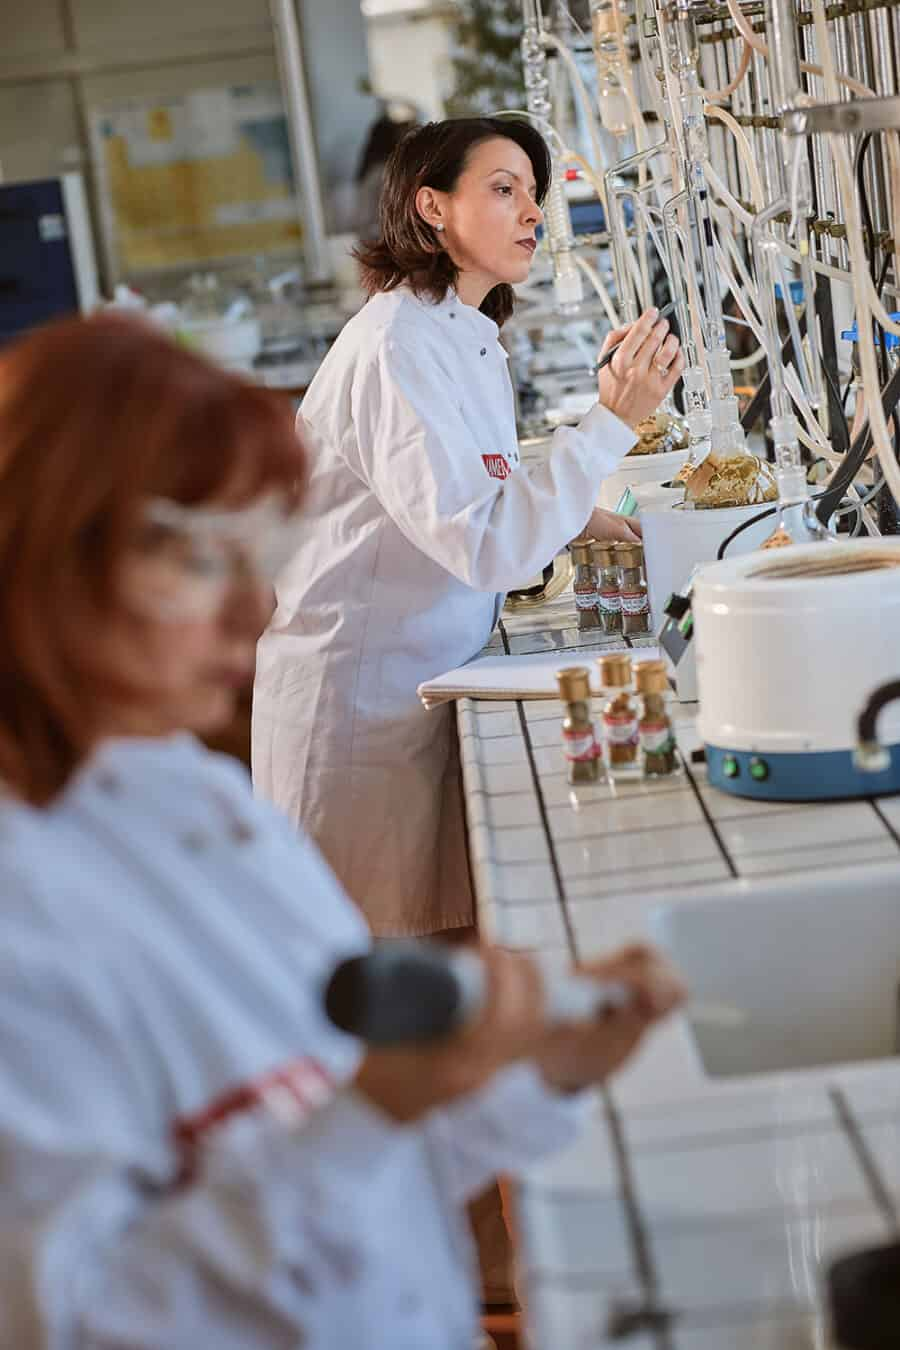 Fotografo reportage industriale alimentare cannamela spezie e condimenti